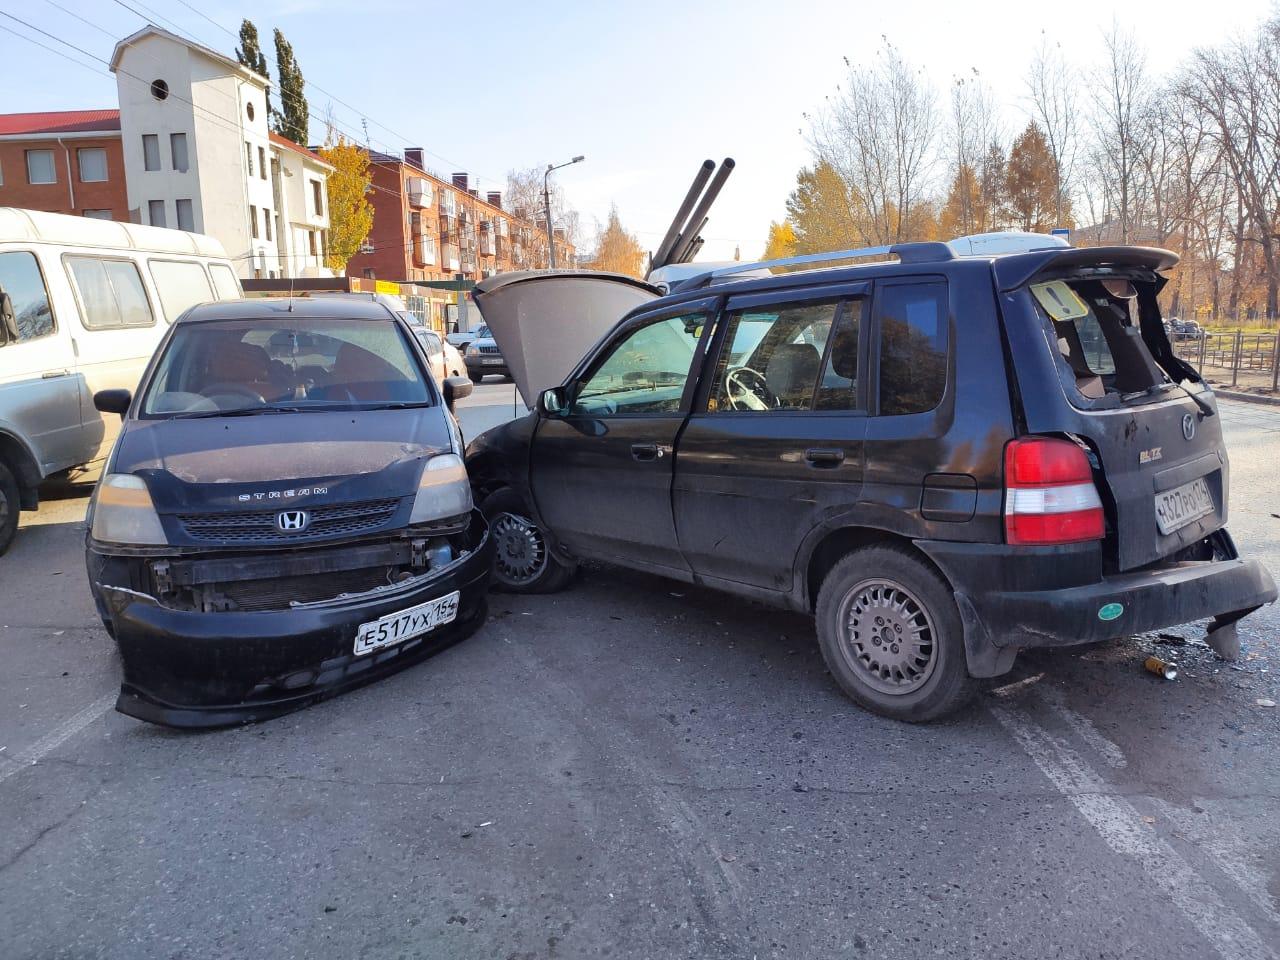 В Омске произошло массовое ДТП: столкнулись малолитражка и КамАЗ #Новости #Общество #Омск